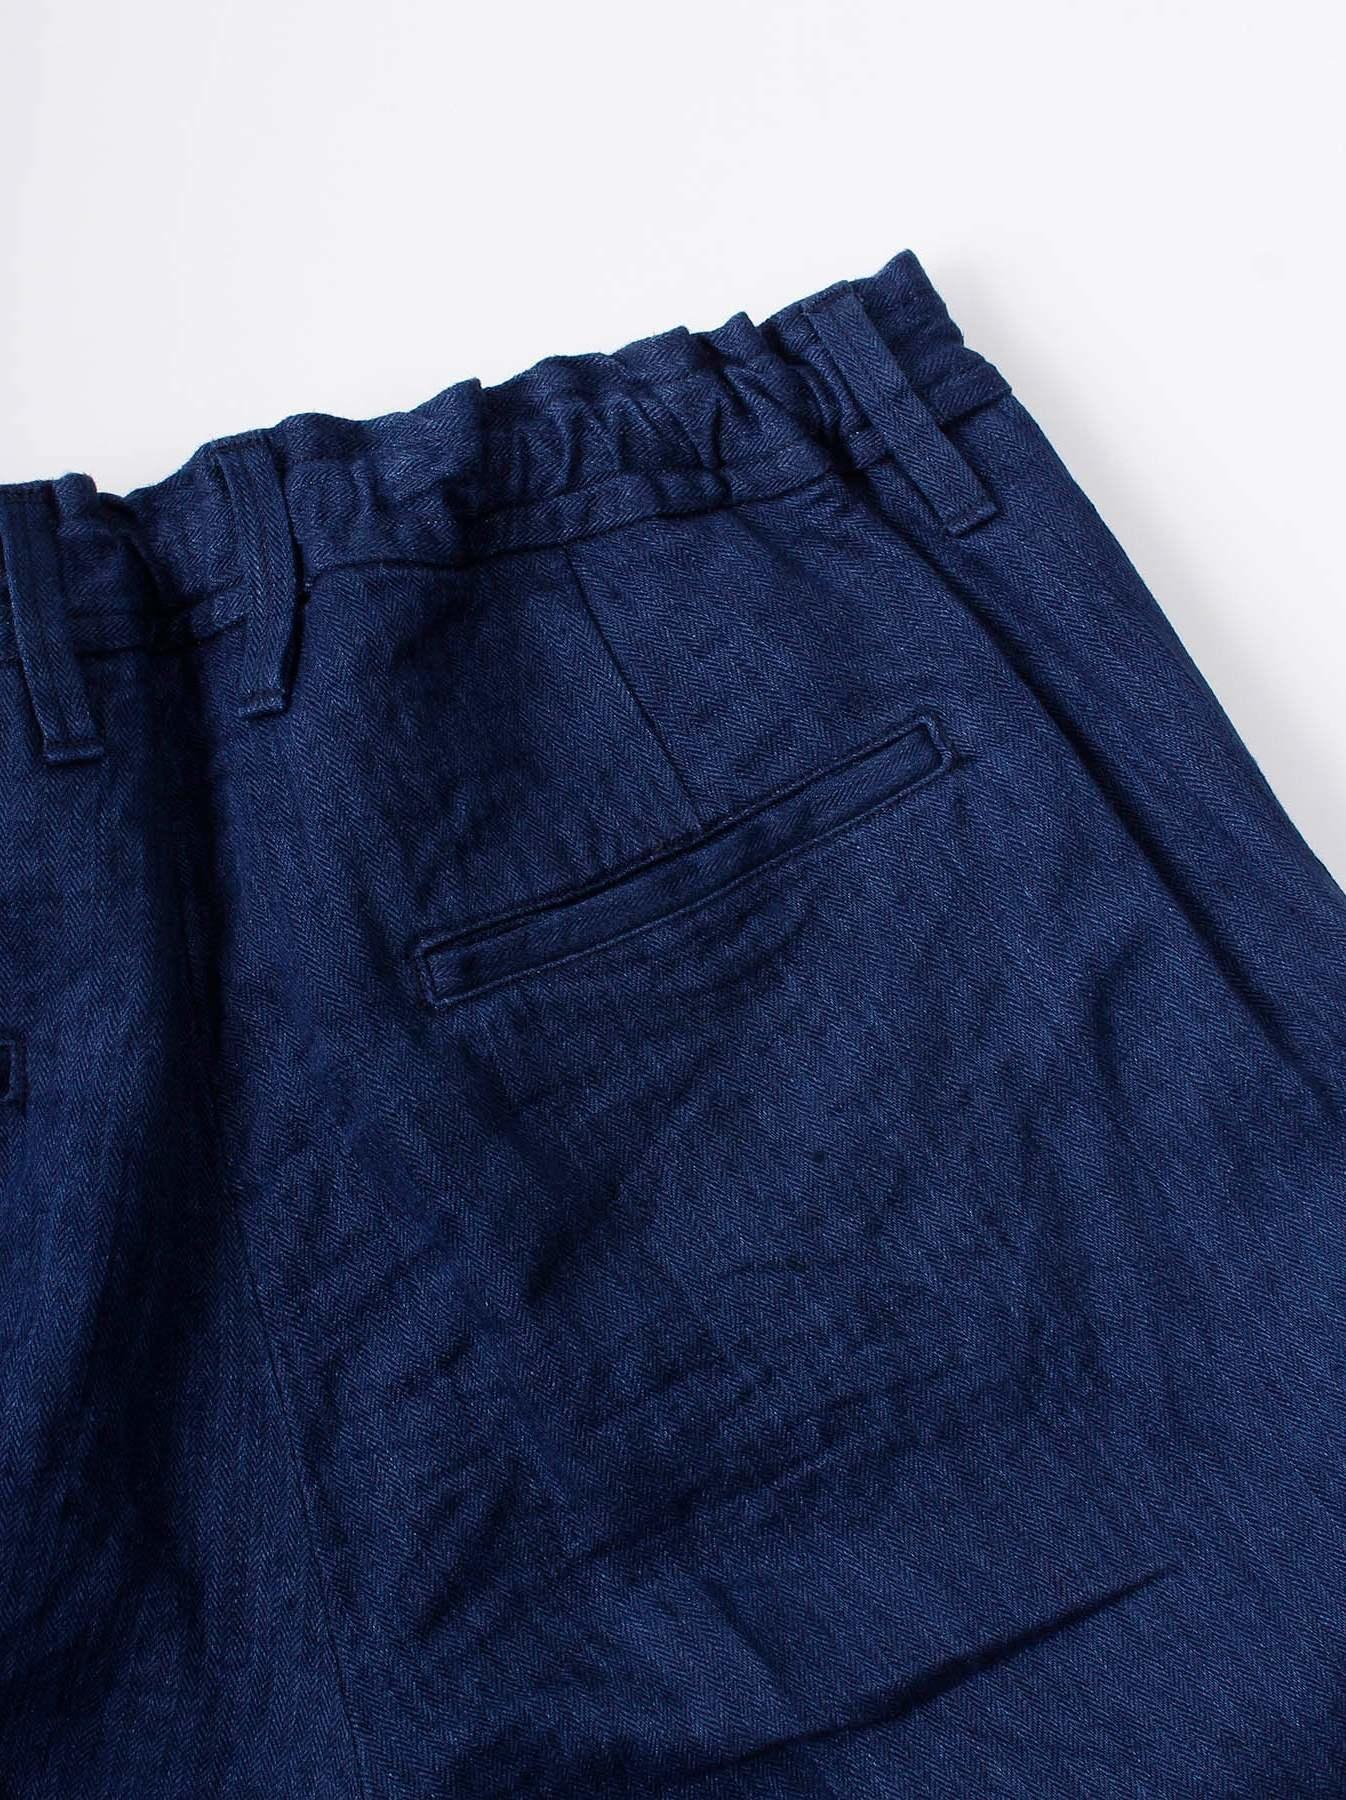 WH Linen Easy Slacks-9